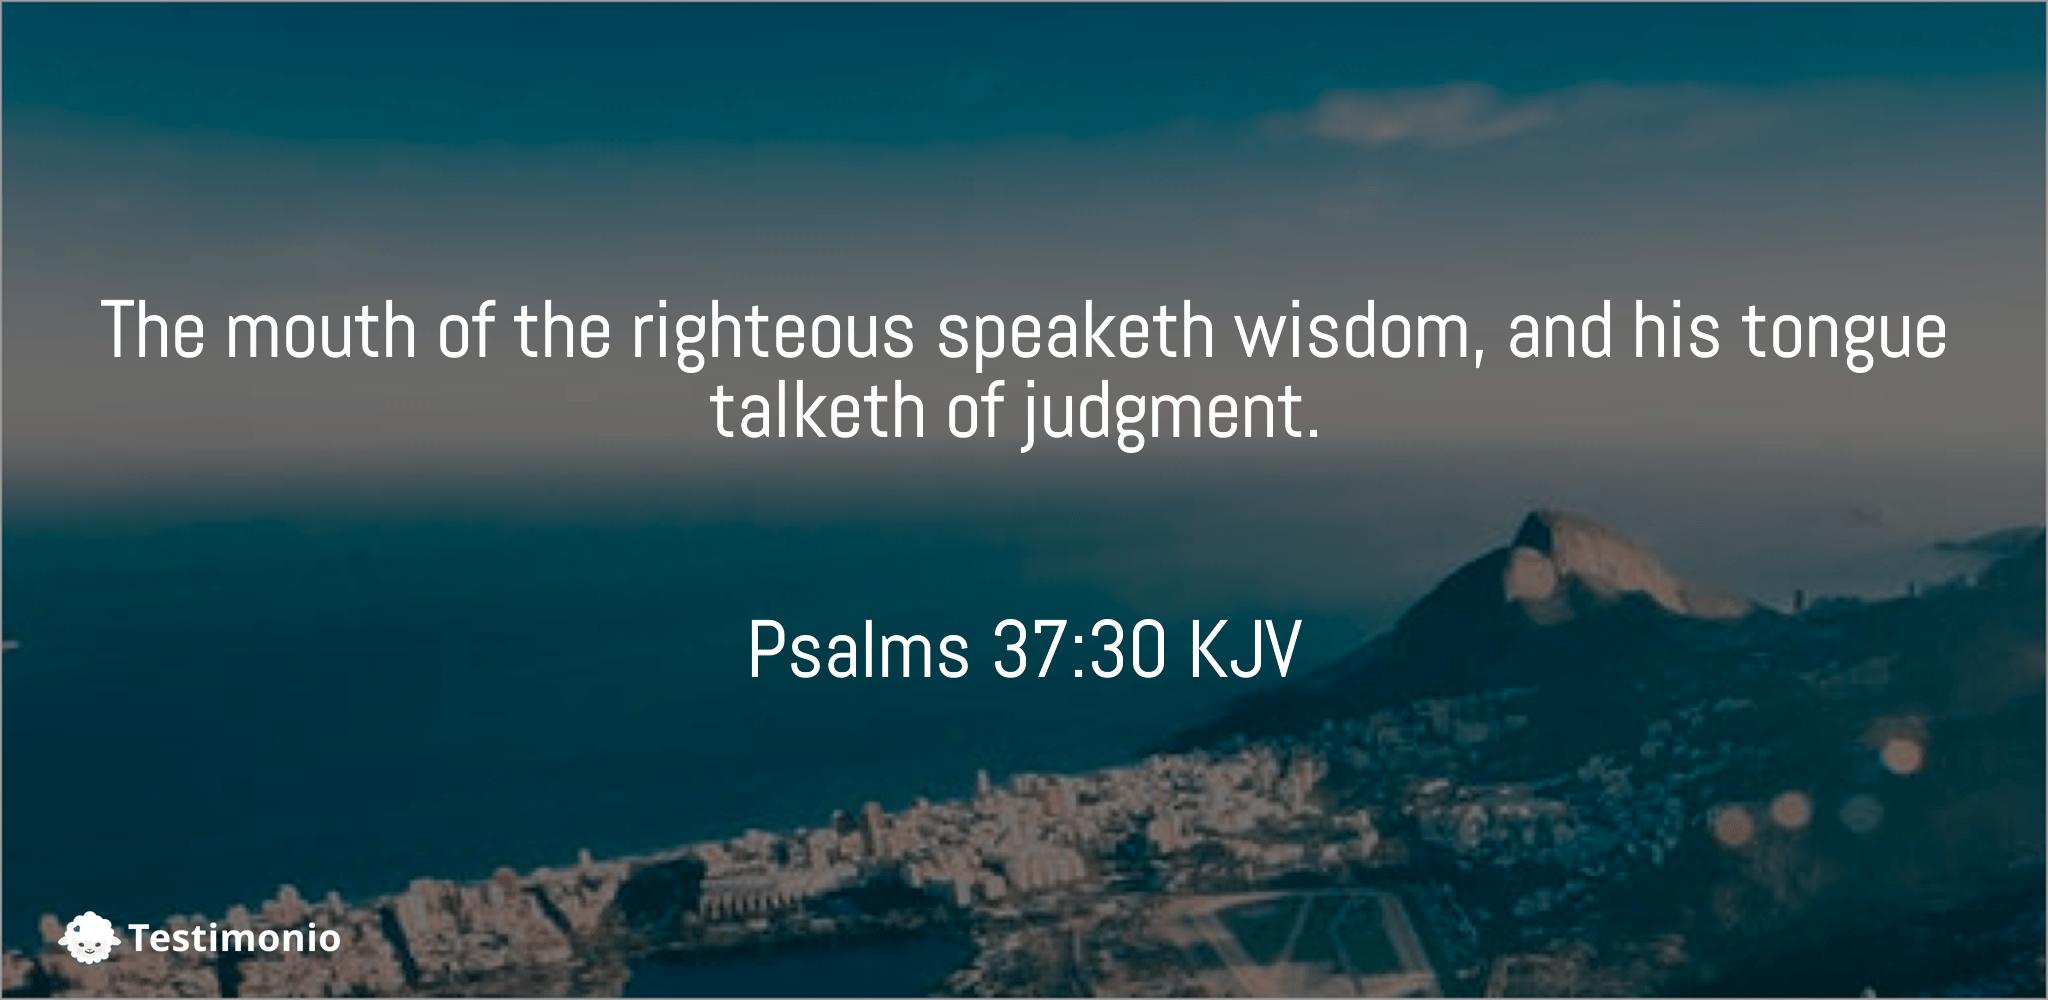 Psalms 37:30